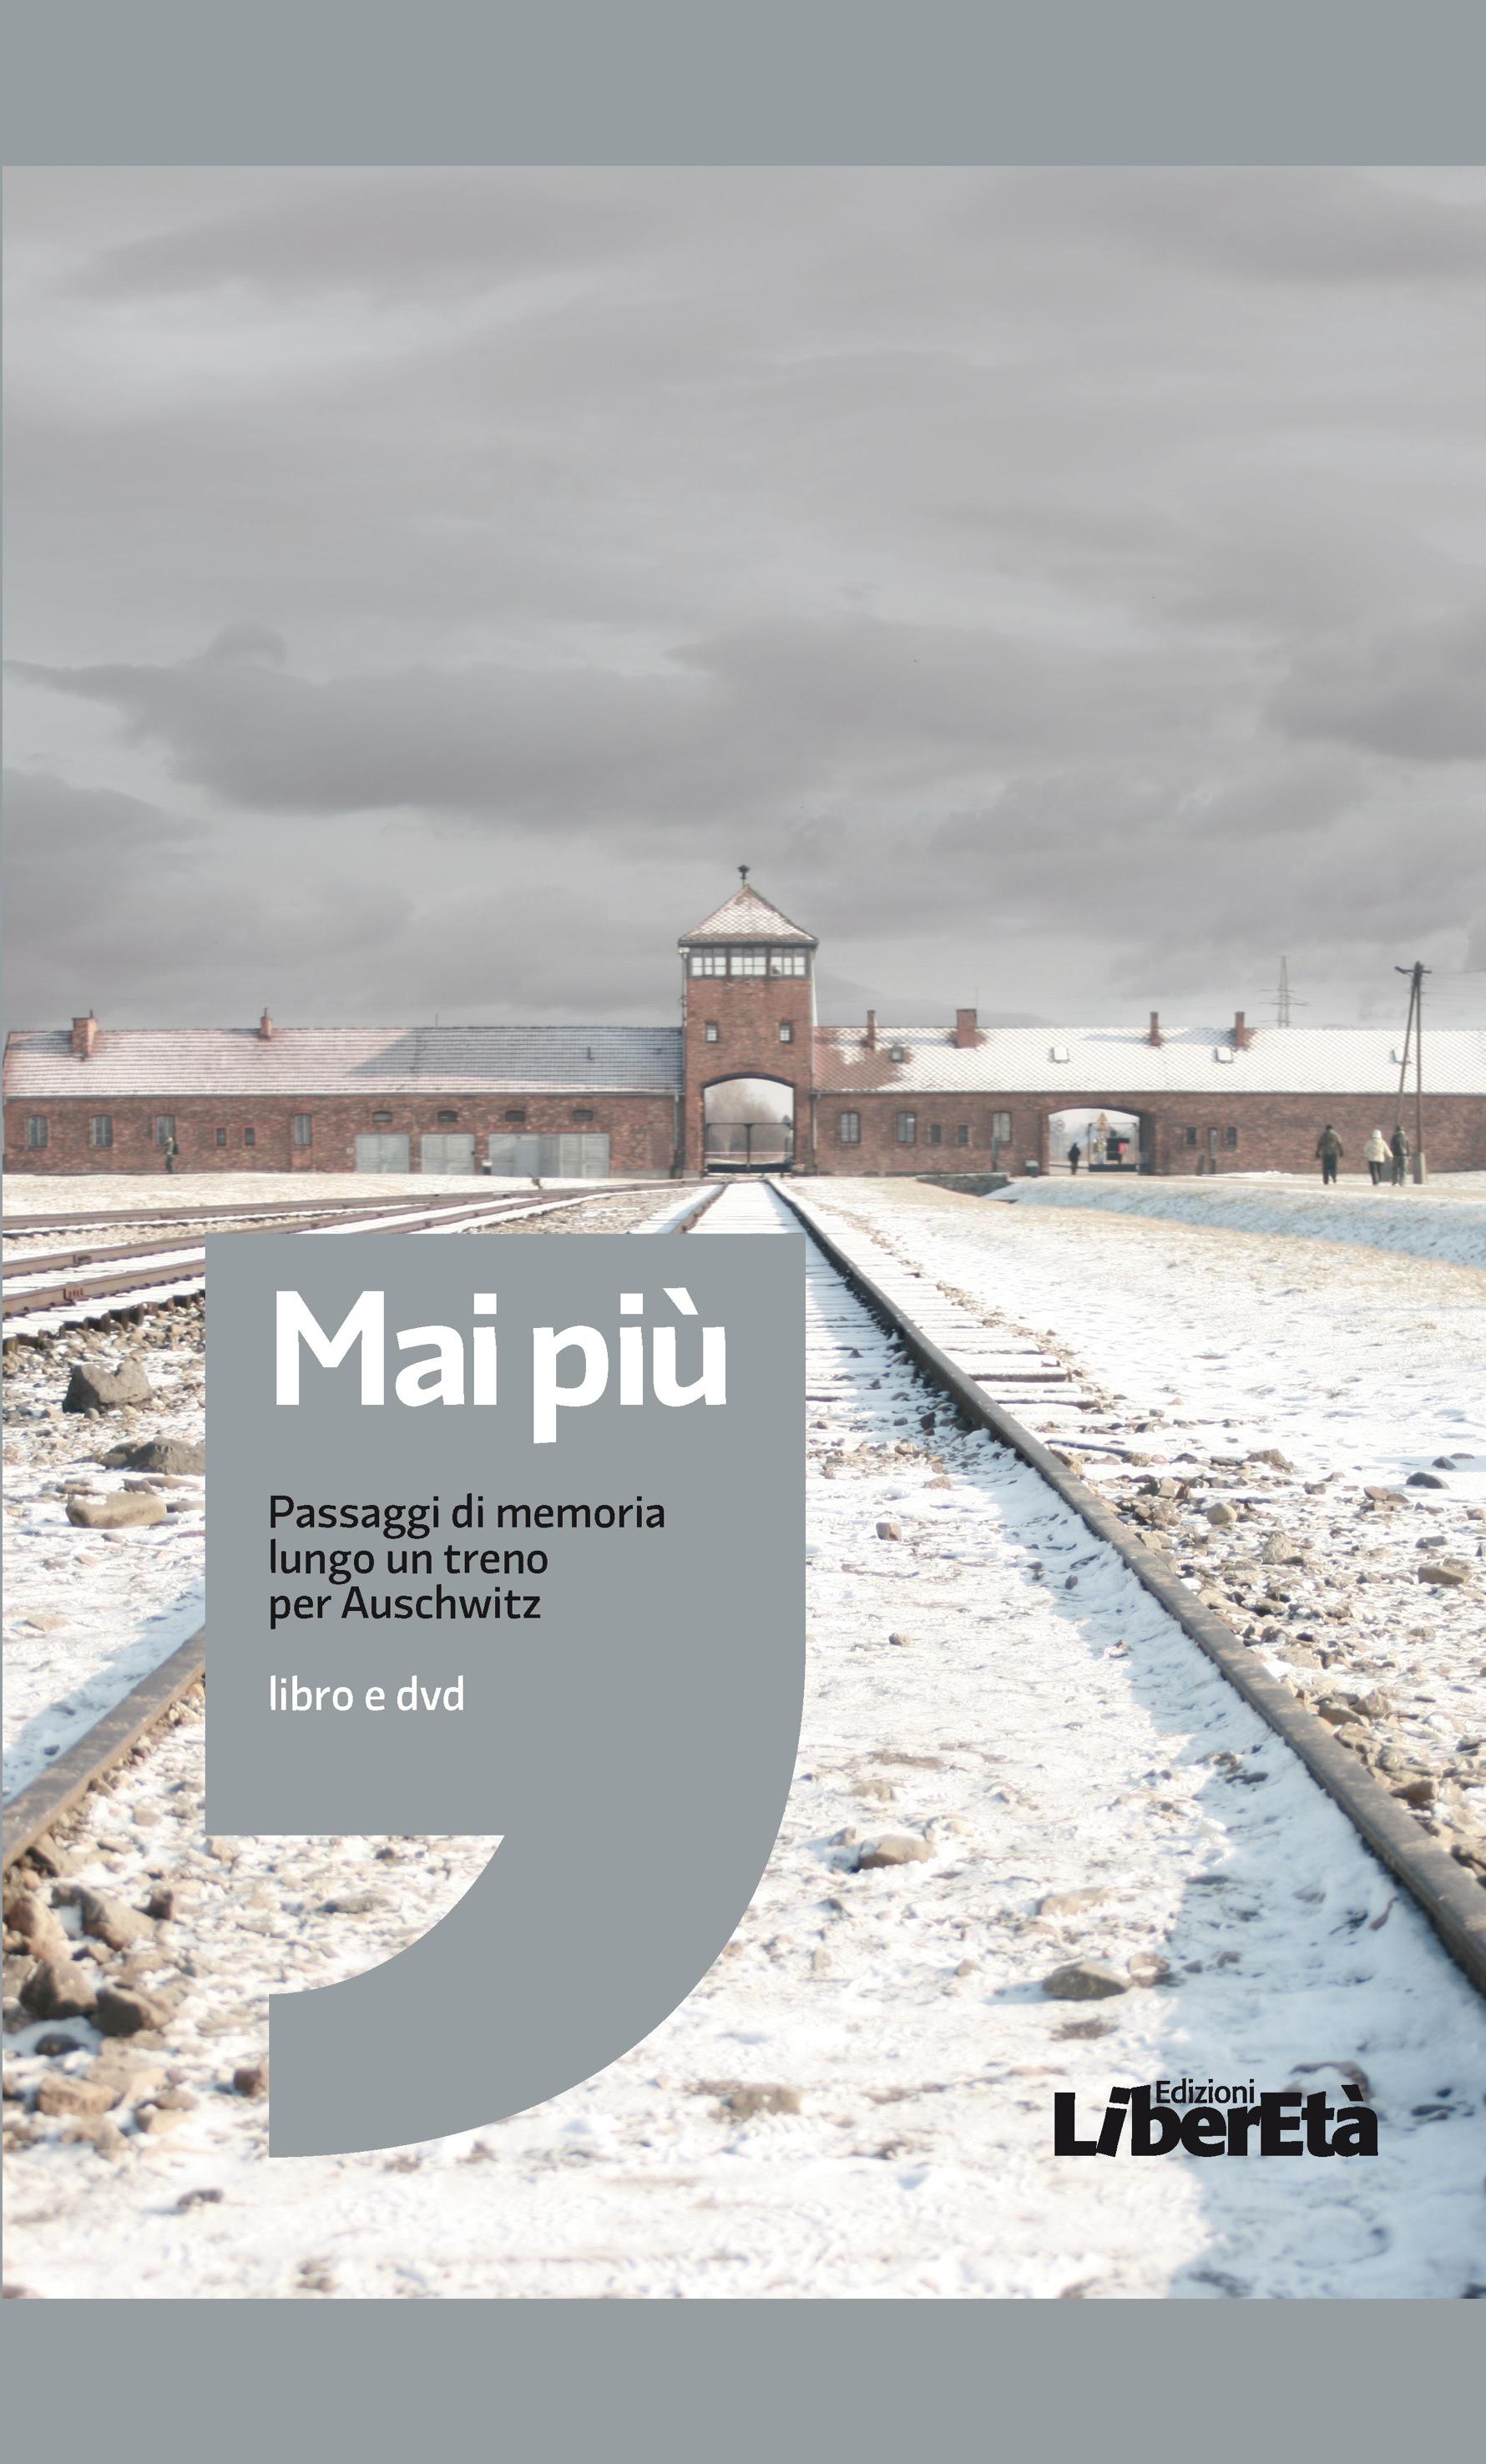 Mai più - Passaggi di memoria lungo un treno per Auschwitz